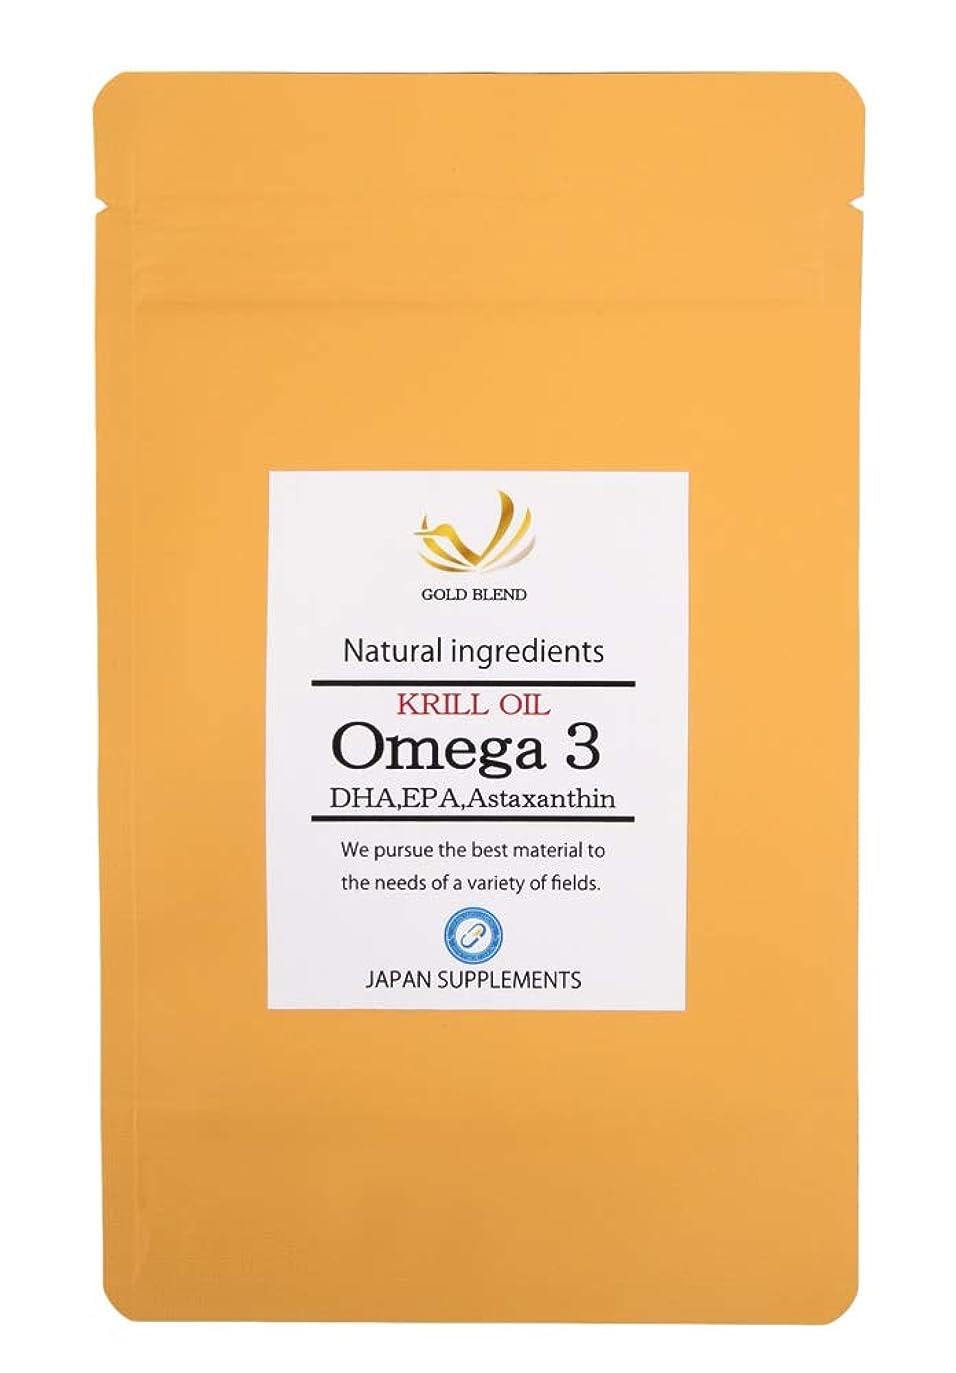 排他的考古学者サンプルKRILL OIL Omega3 DHA EPA アスタキサンチン含有クリルオイル 60粒